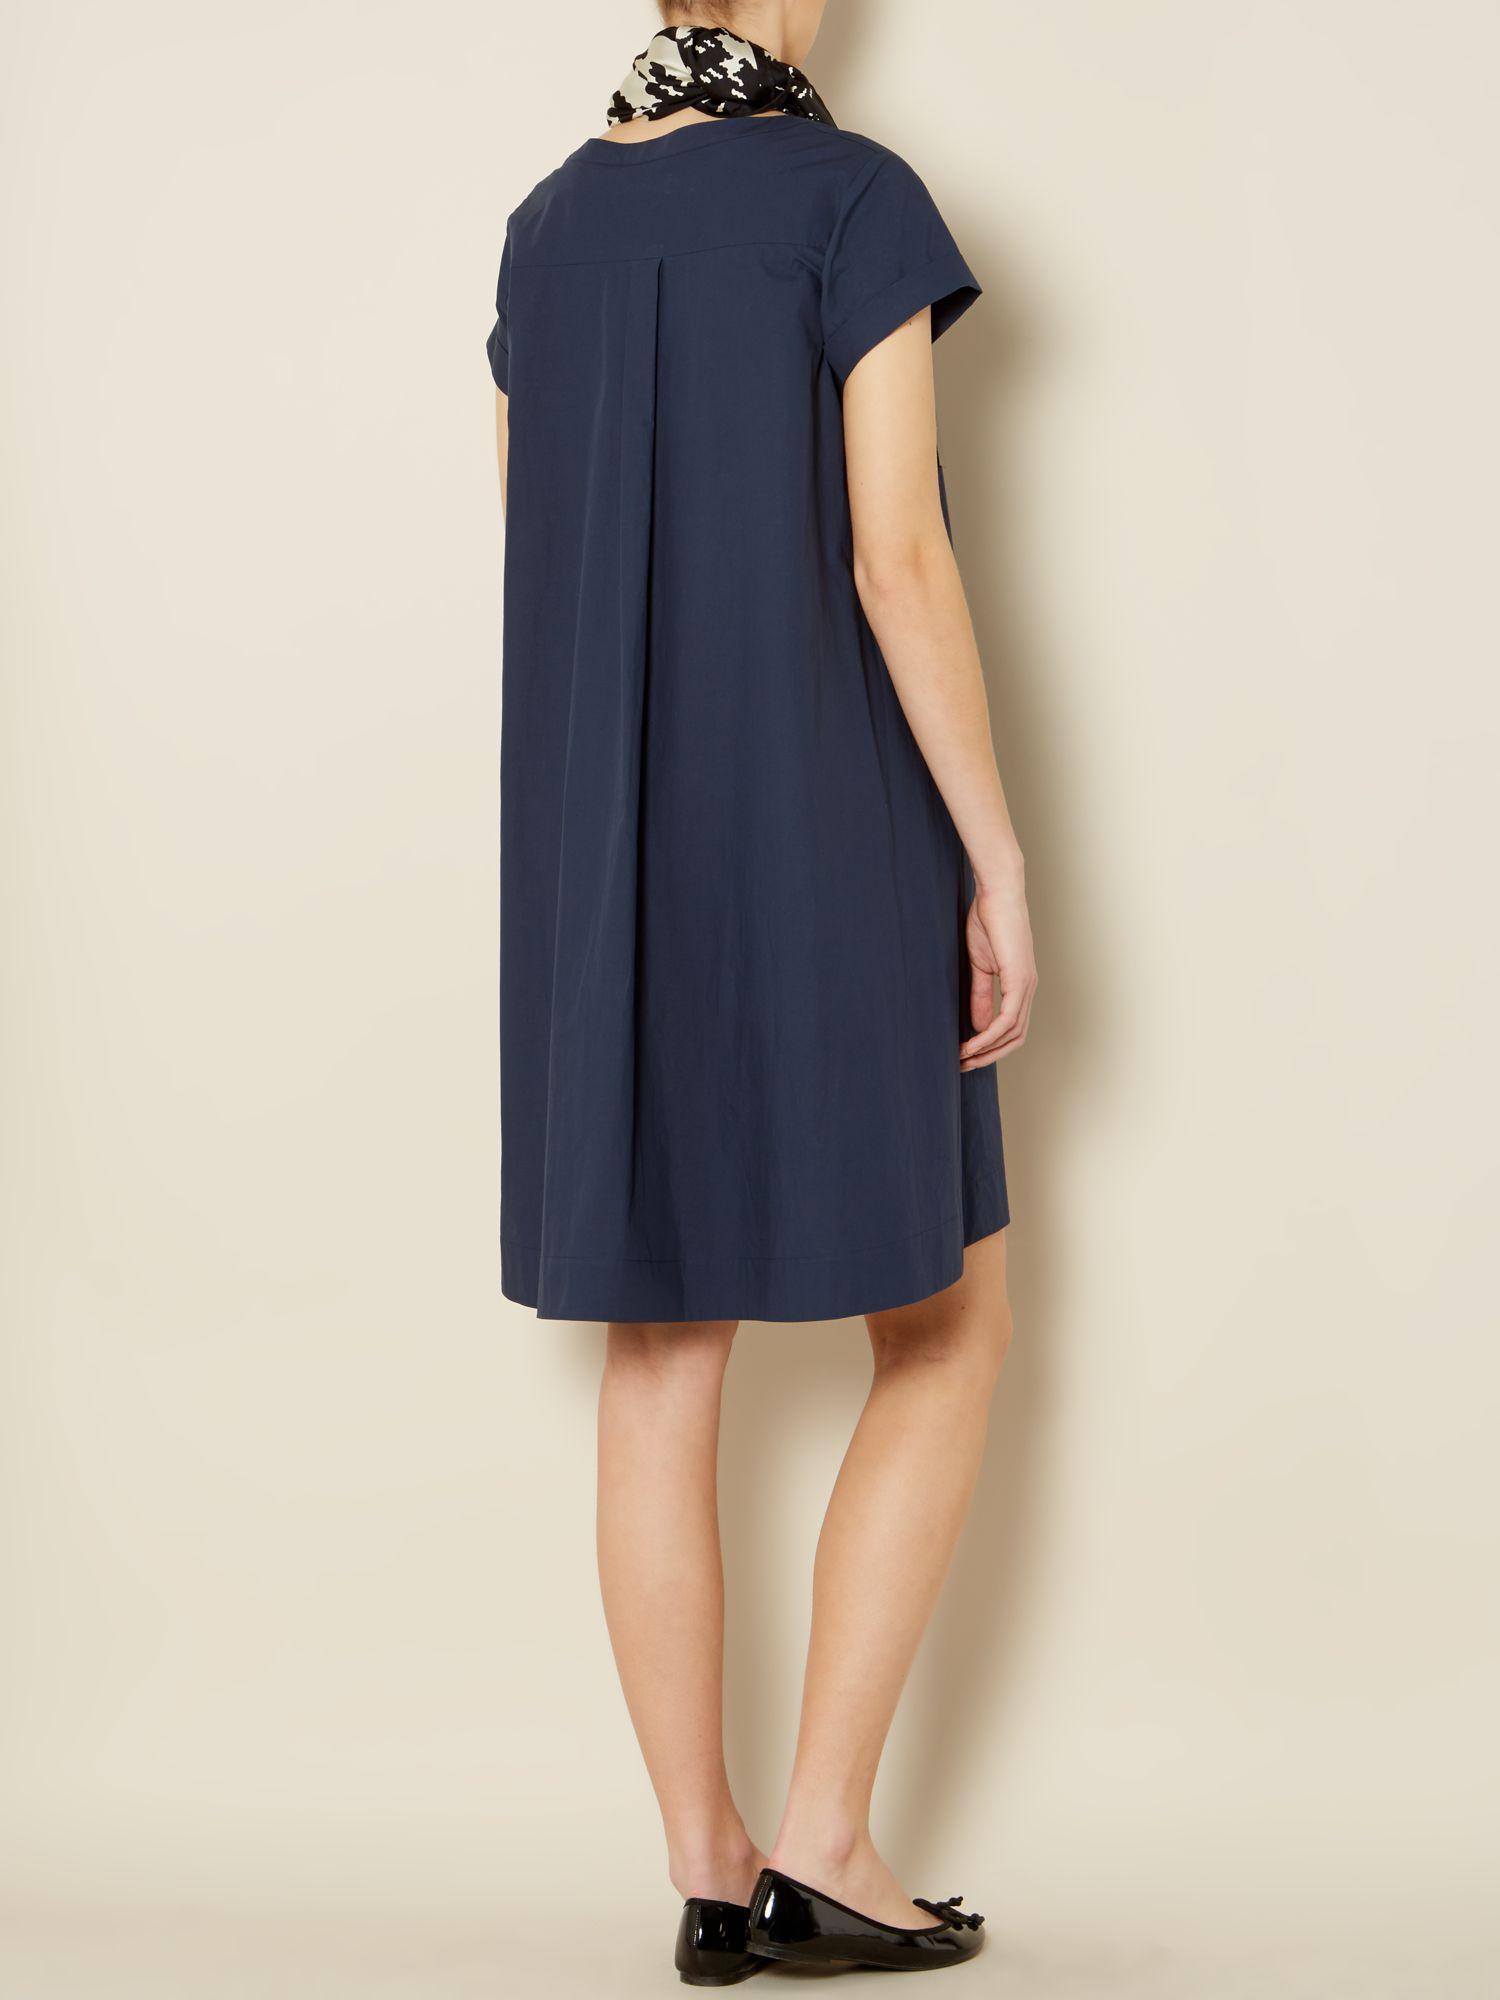 DRESSES - Knee-length dresses Max Mara Buy Cheap Shopping Online 1MAtNn9Q